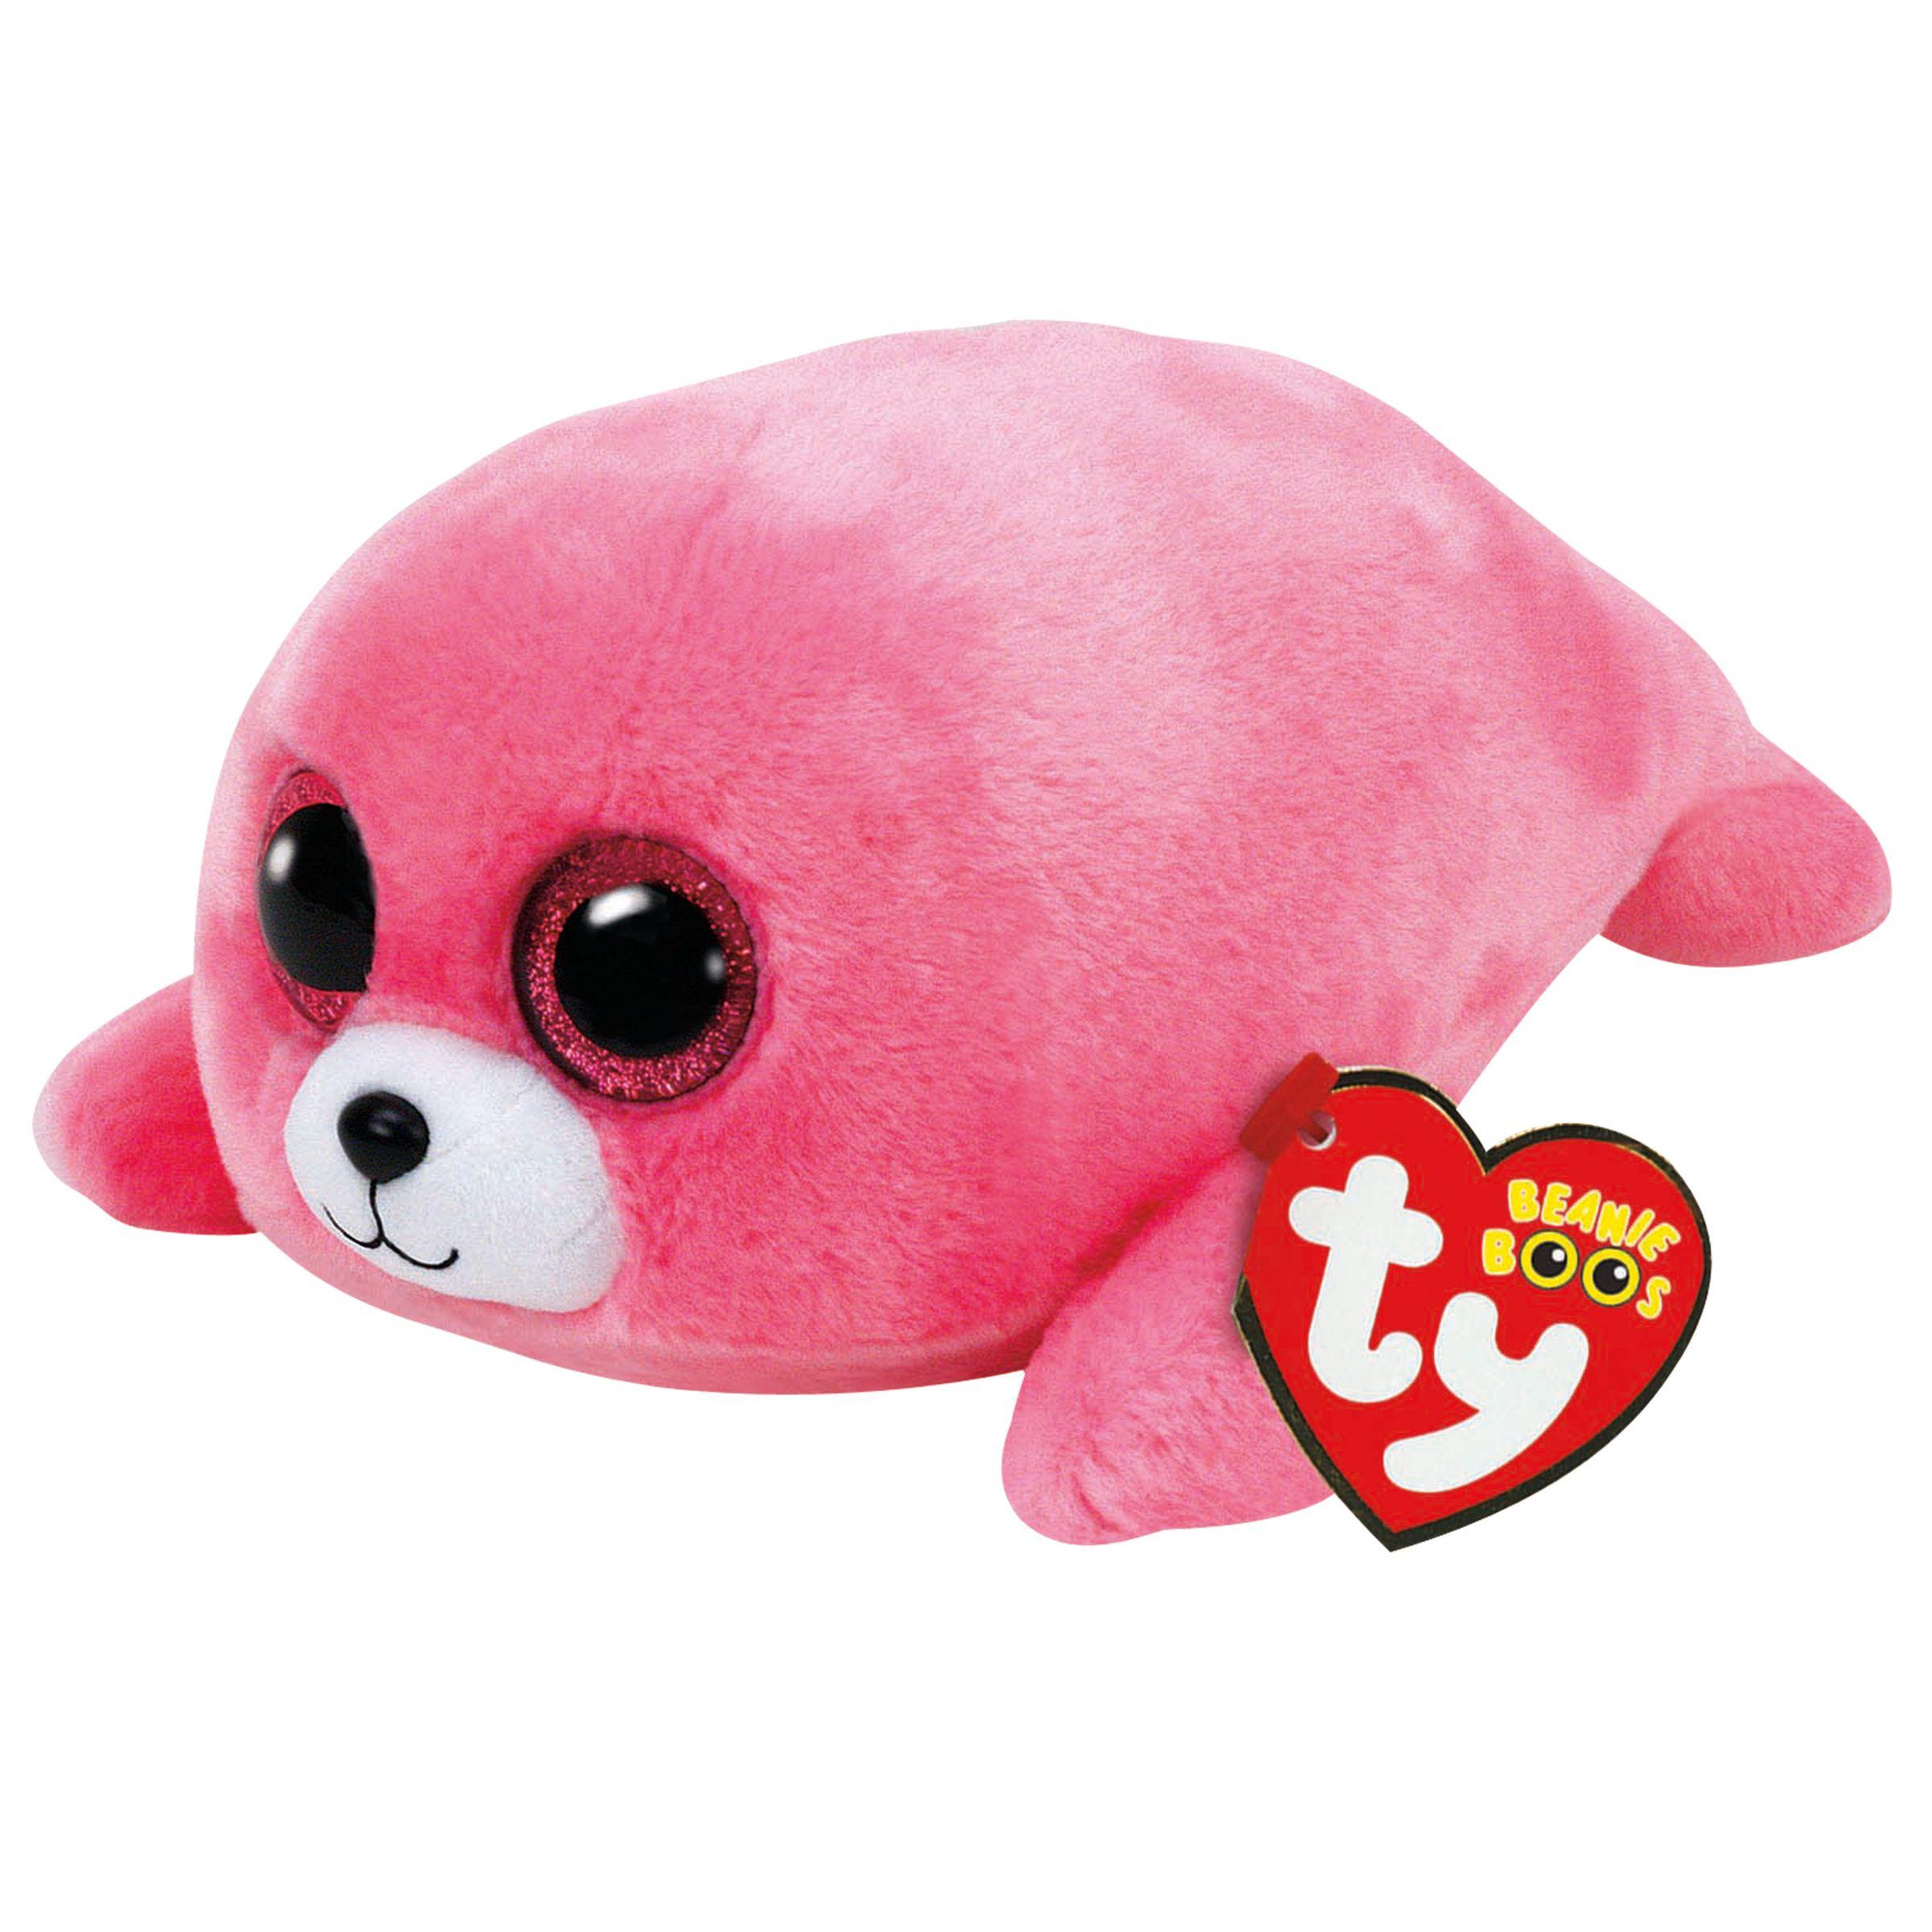 Ty Pierre Beanie Boo Soft Toy